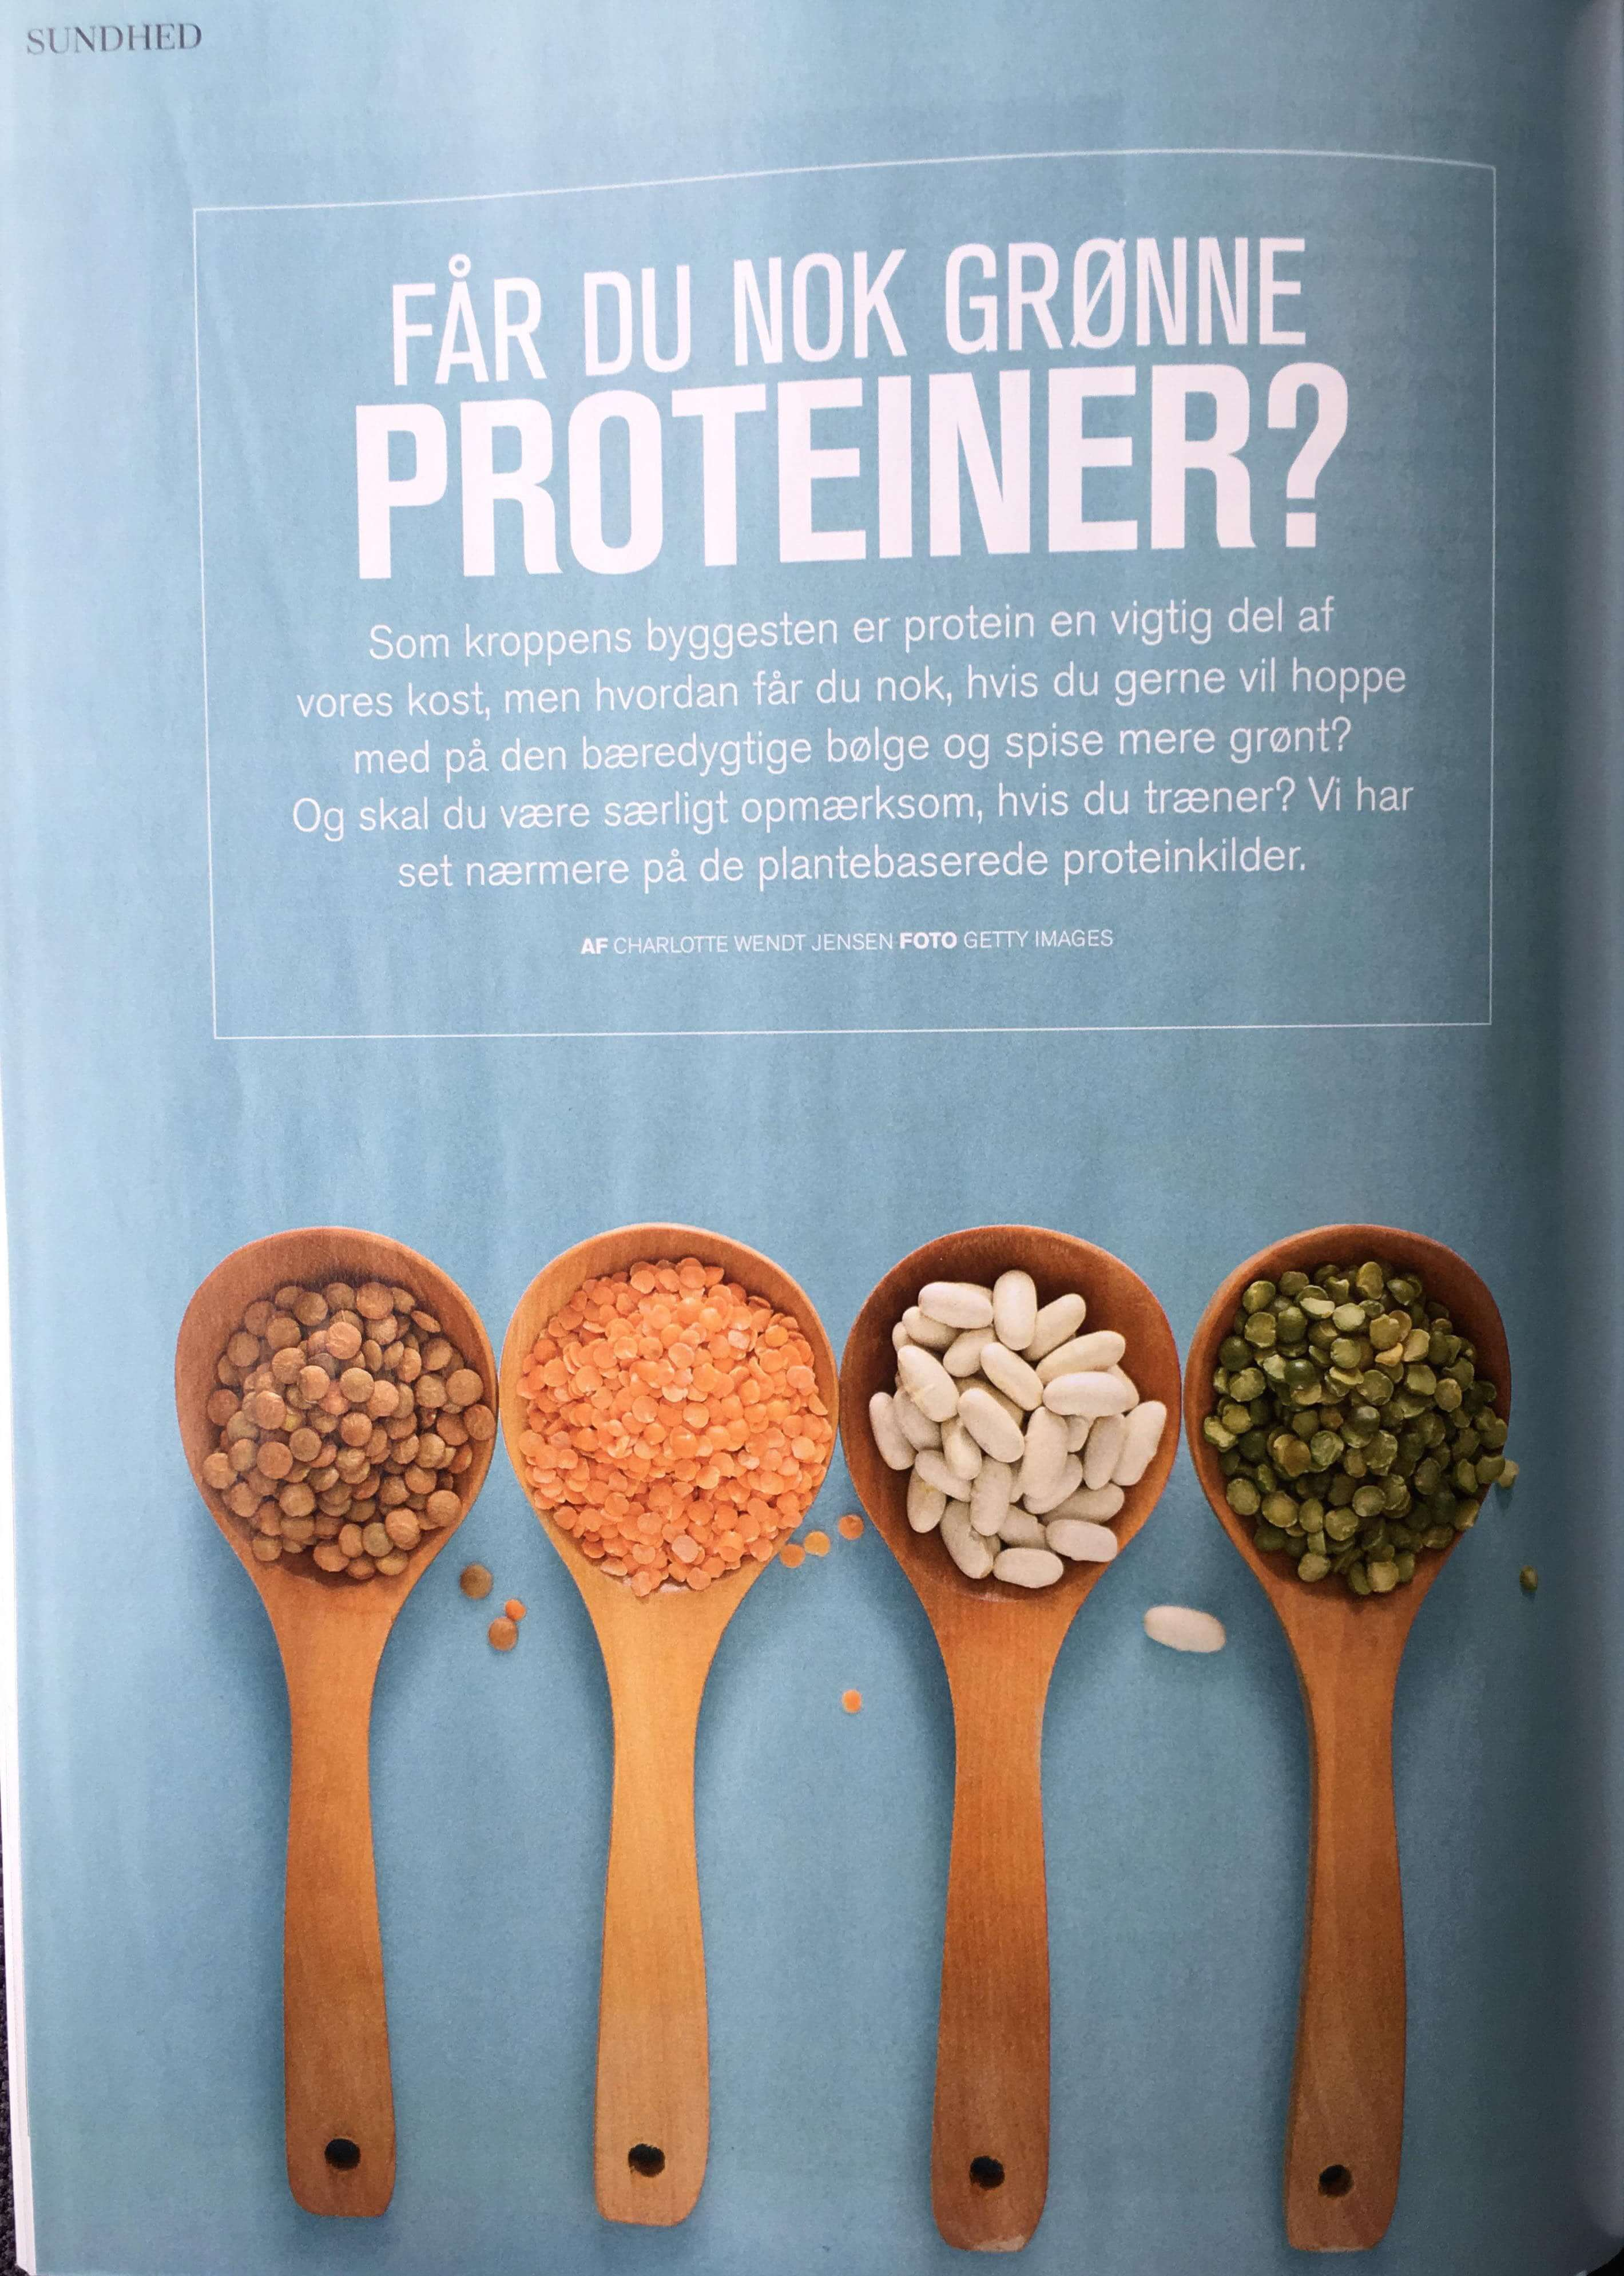 Dejlig Grønne proteiner, Fitliving - Diætist Felding SZ-14